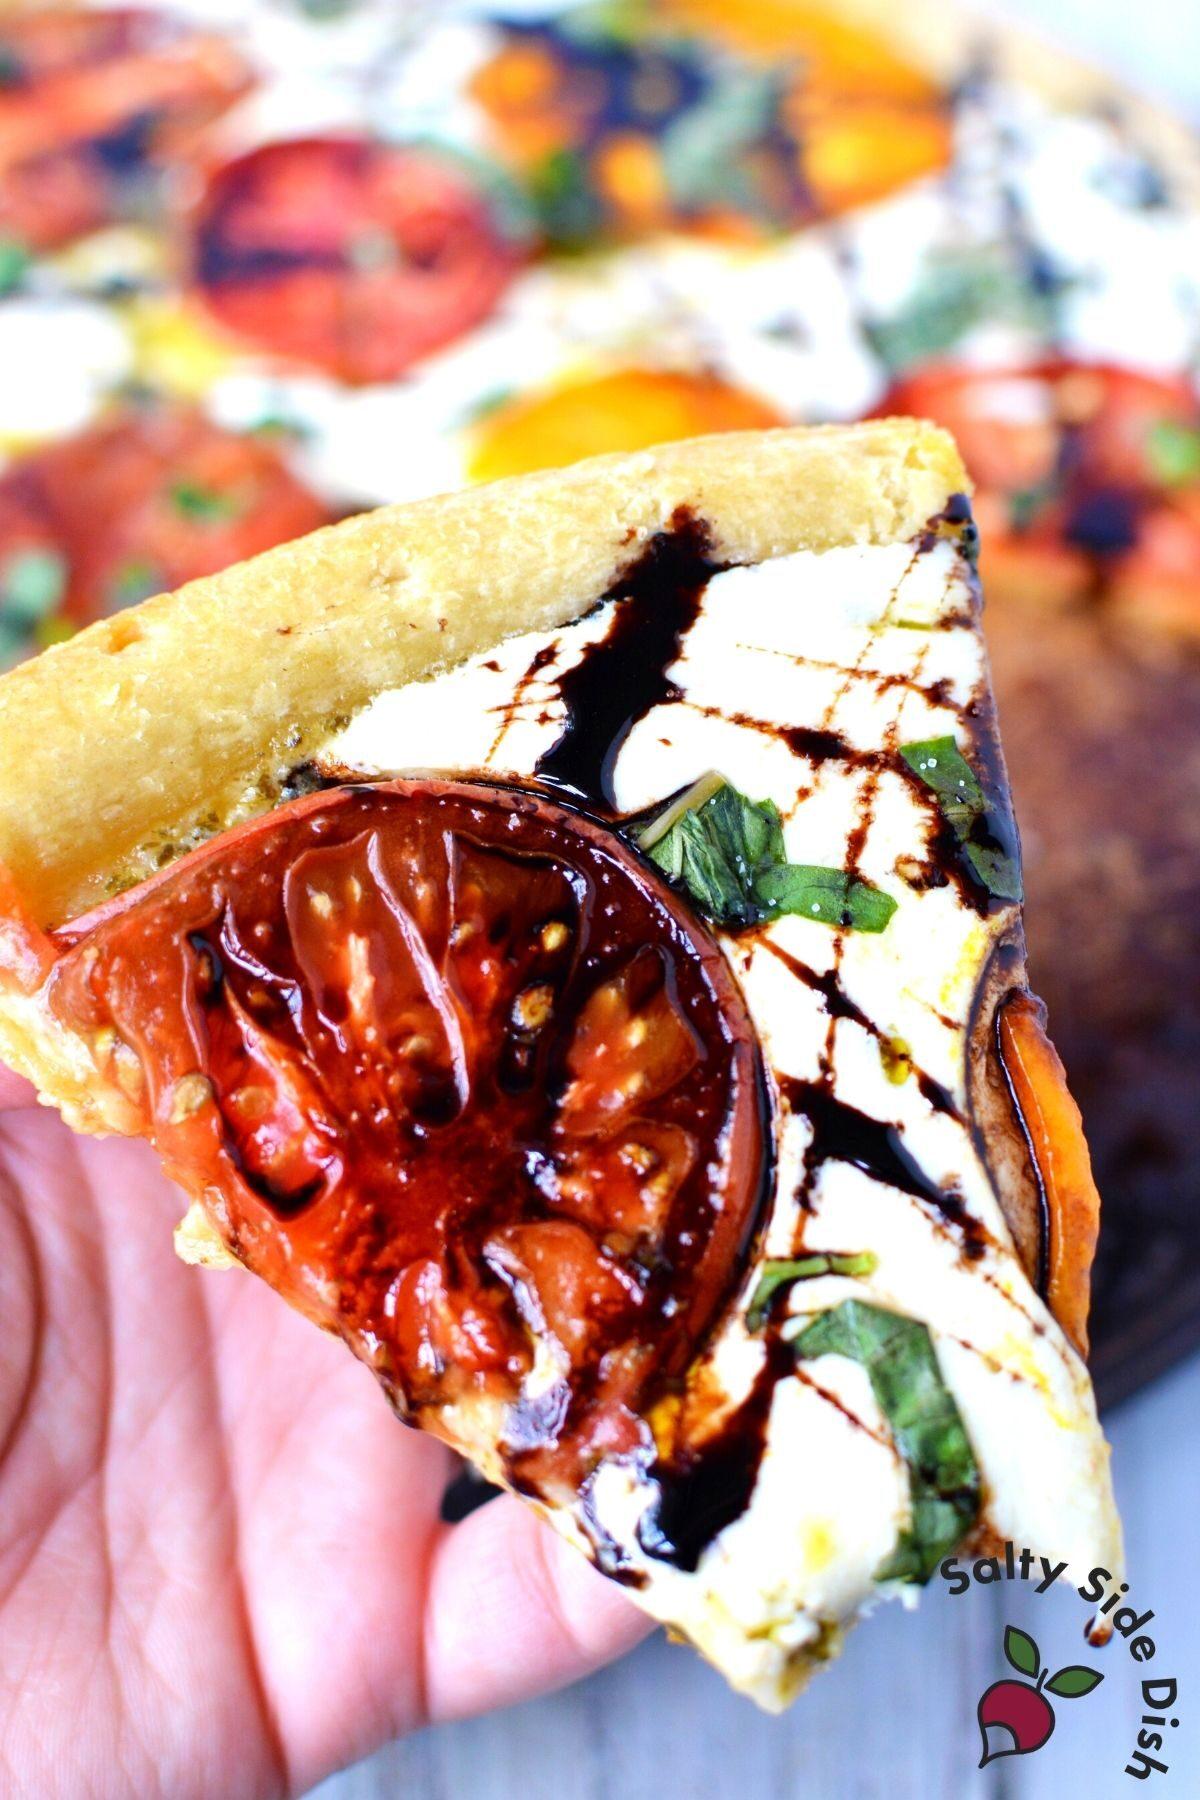 slice of caprese pizza with balsamic glaze.